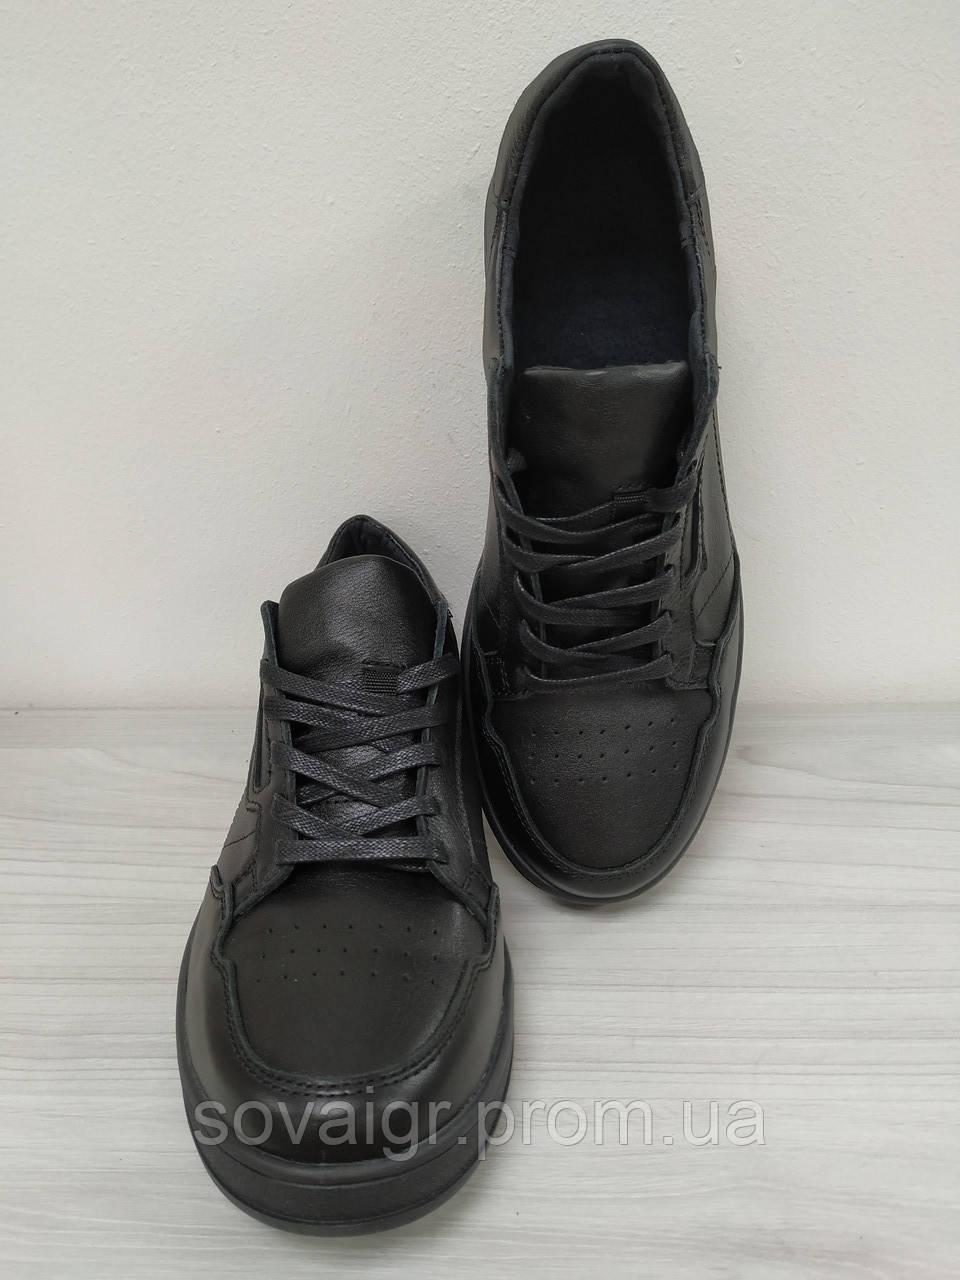 Кроссовки кожаные черные мужские MANTE Акция!!! -40%!!!